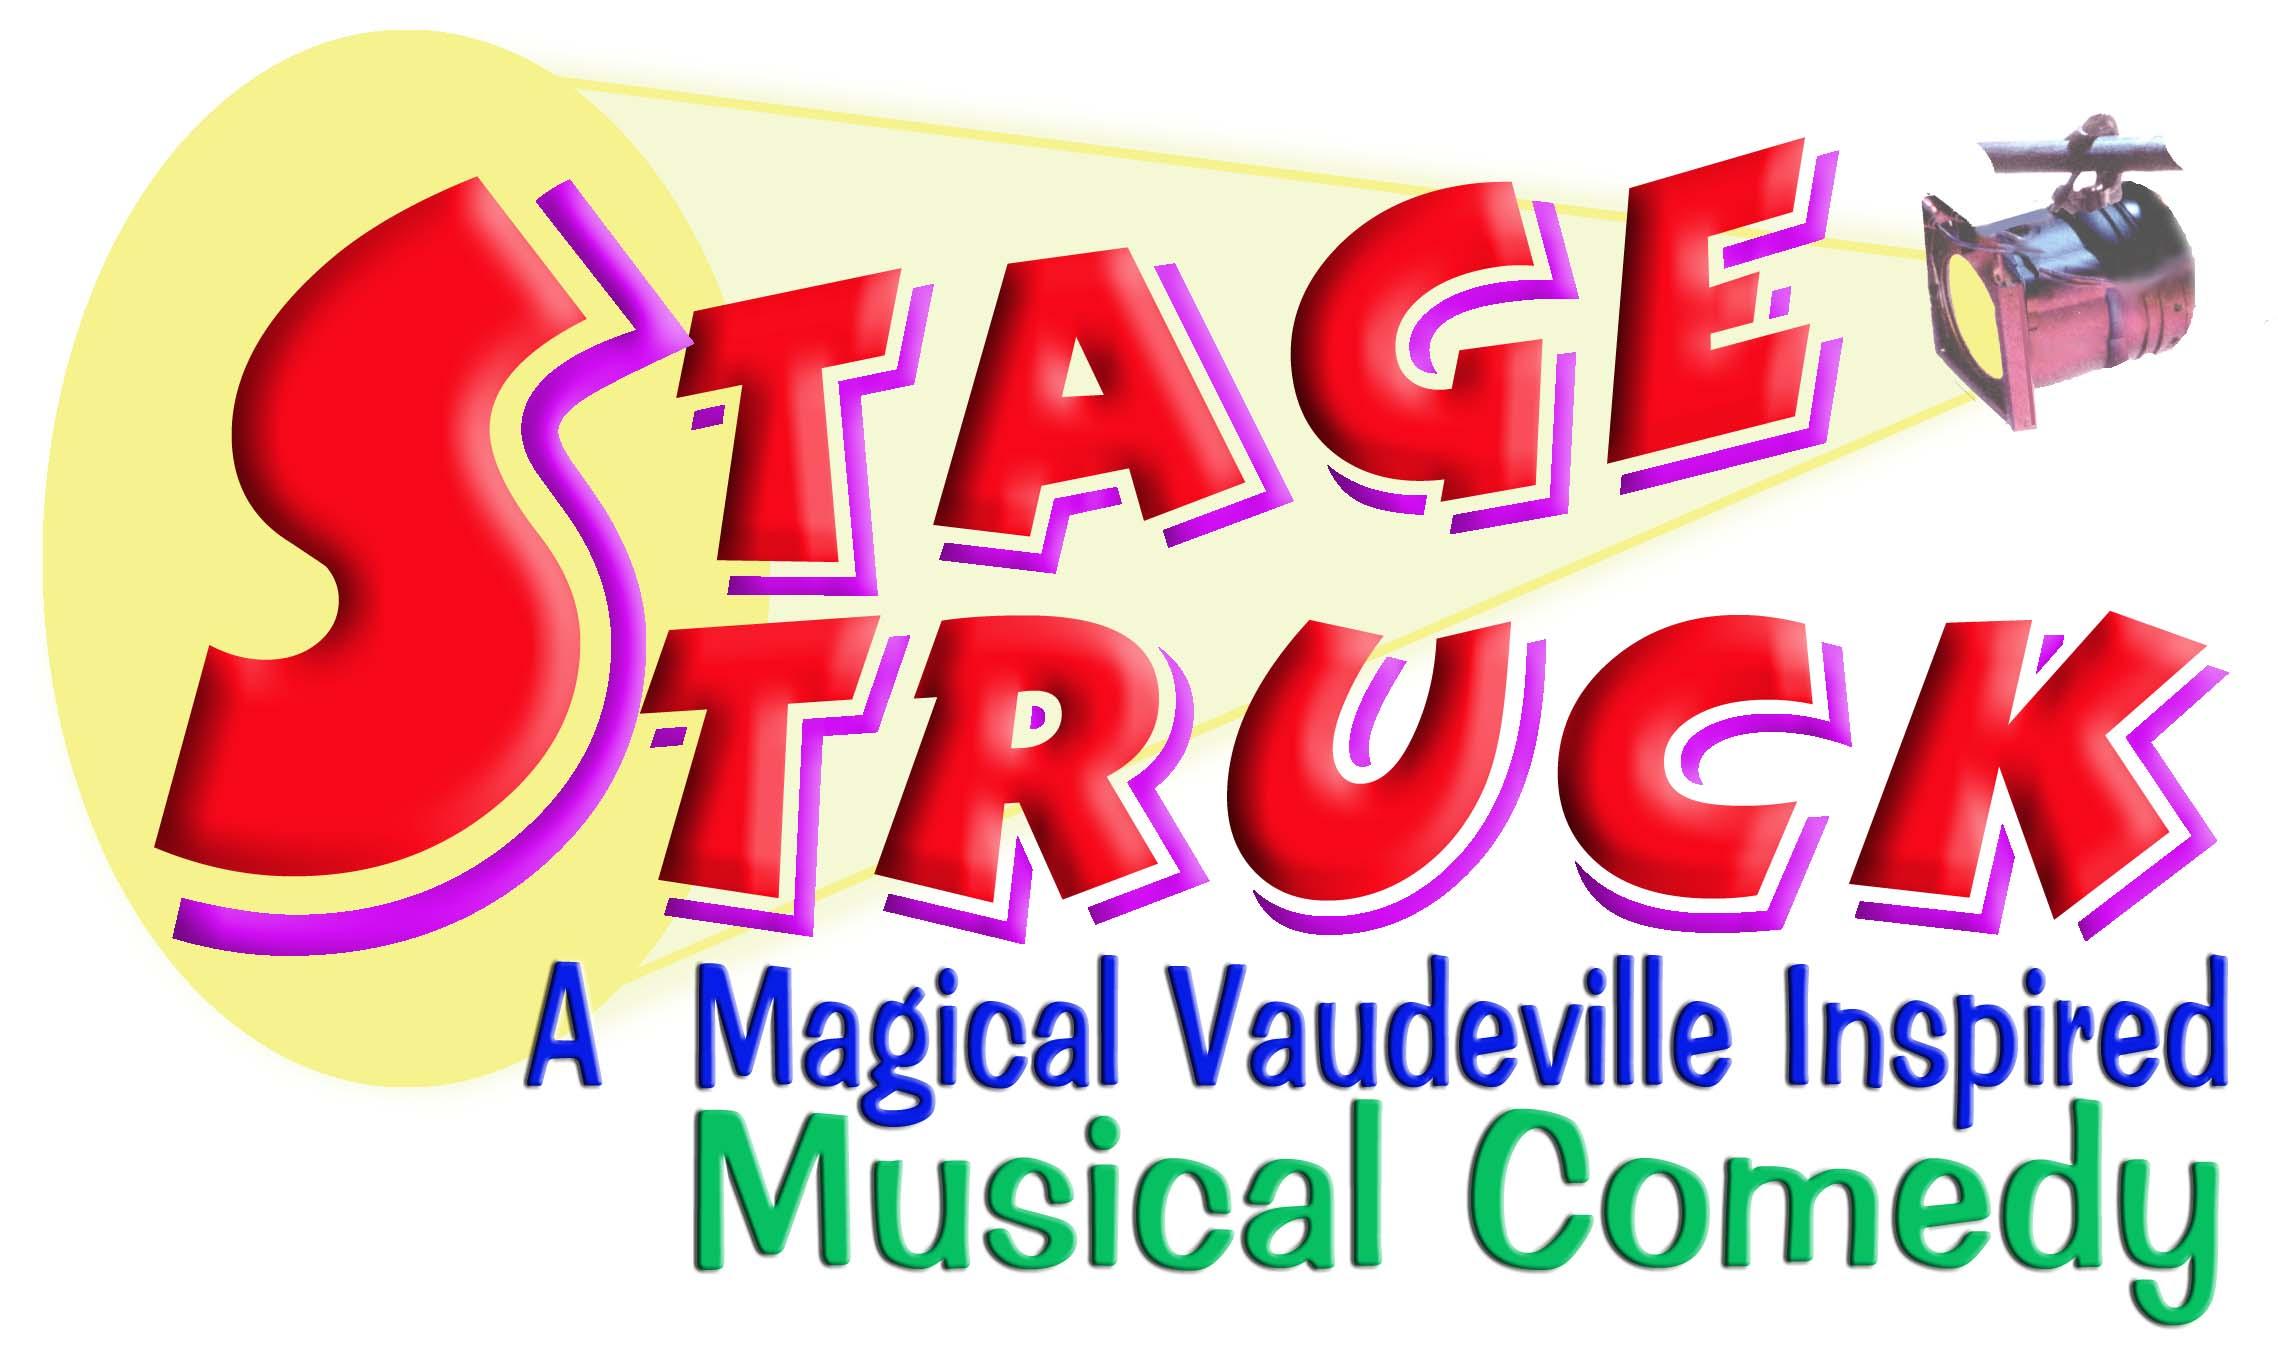 Stage Struck Logo2.jpg